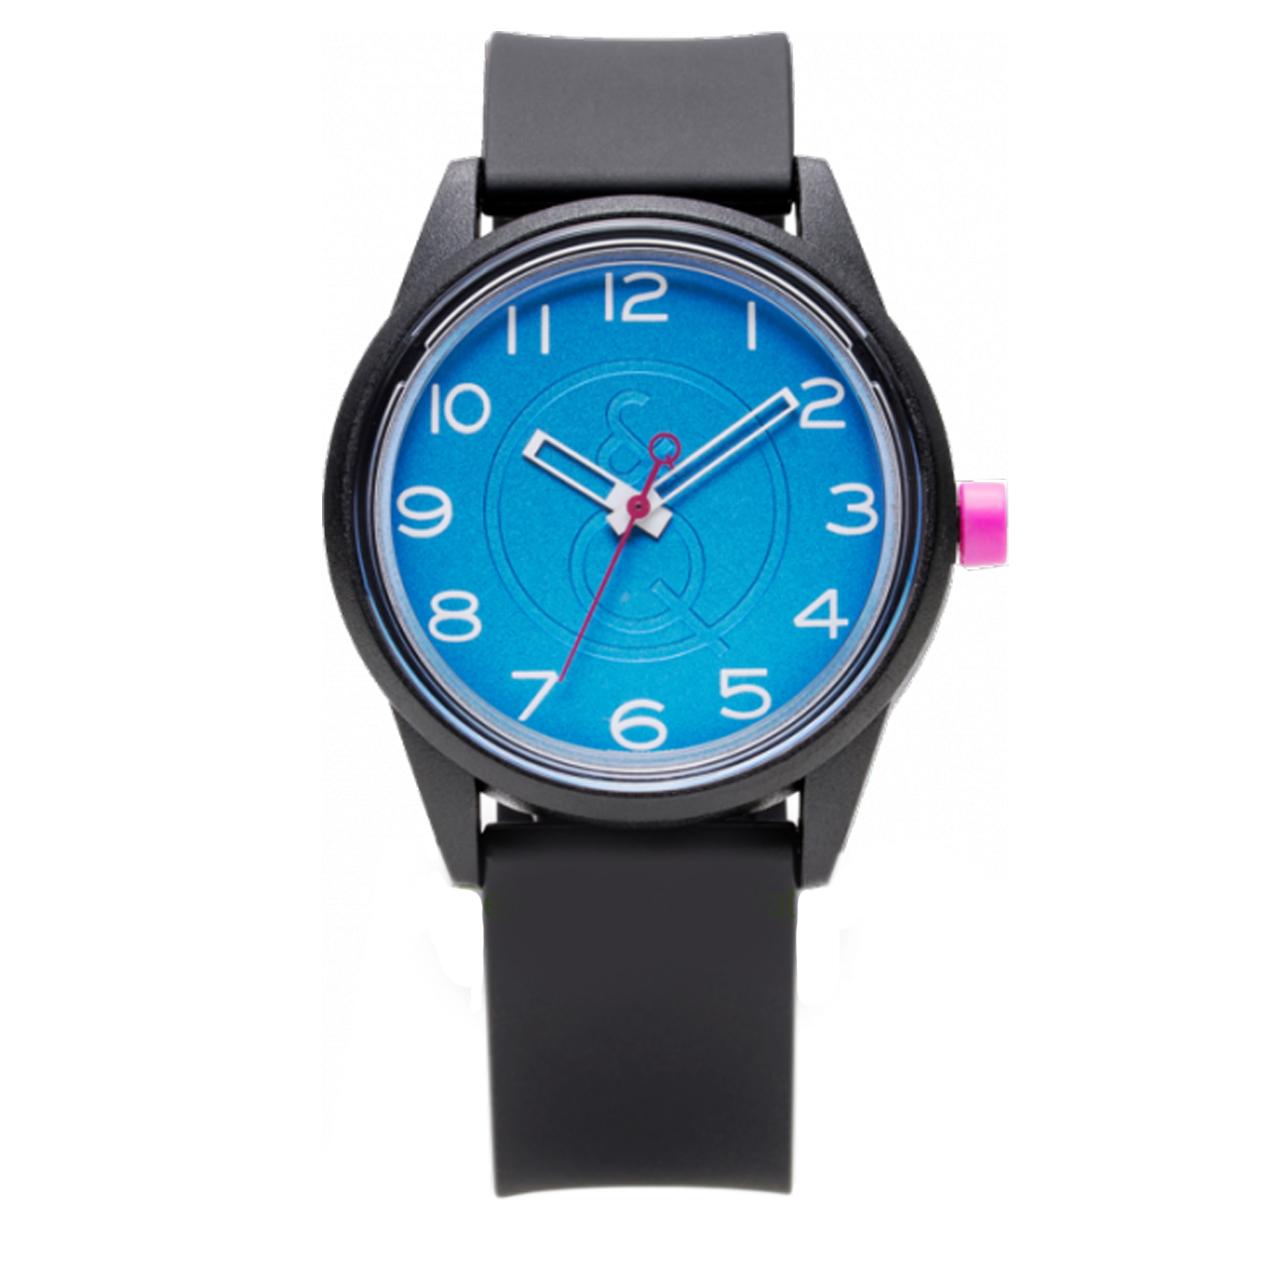 ساعت مچی عقربهای کیو اند کیو مدل سولار rp00j044y به همراه دستمال مخصوص برند کلین واچ